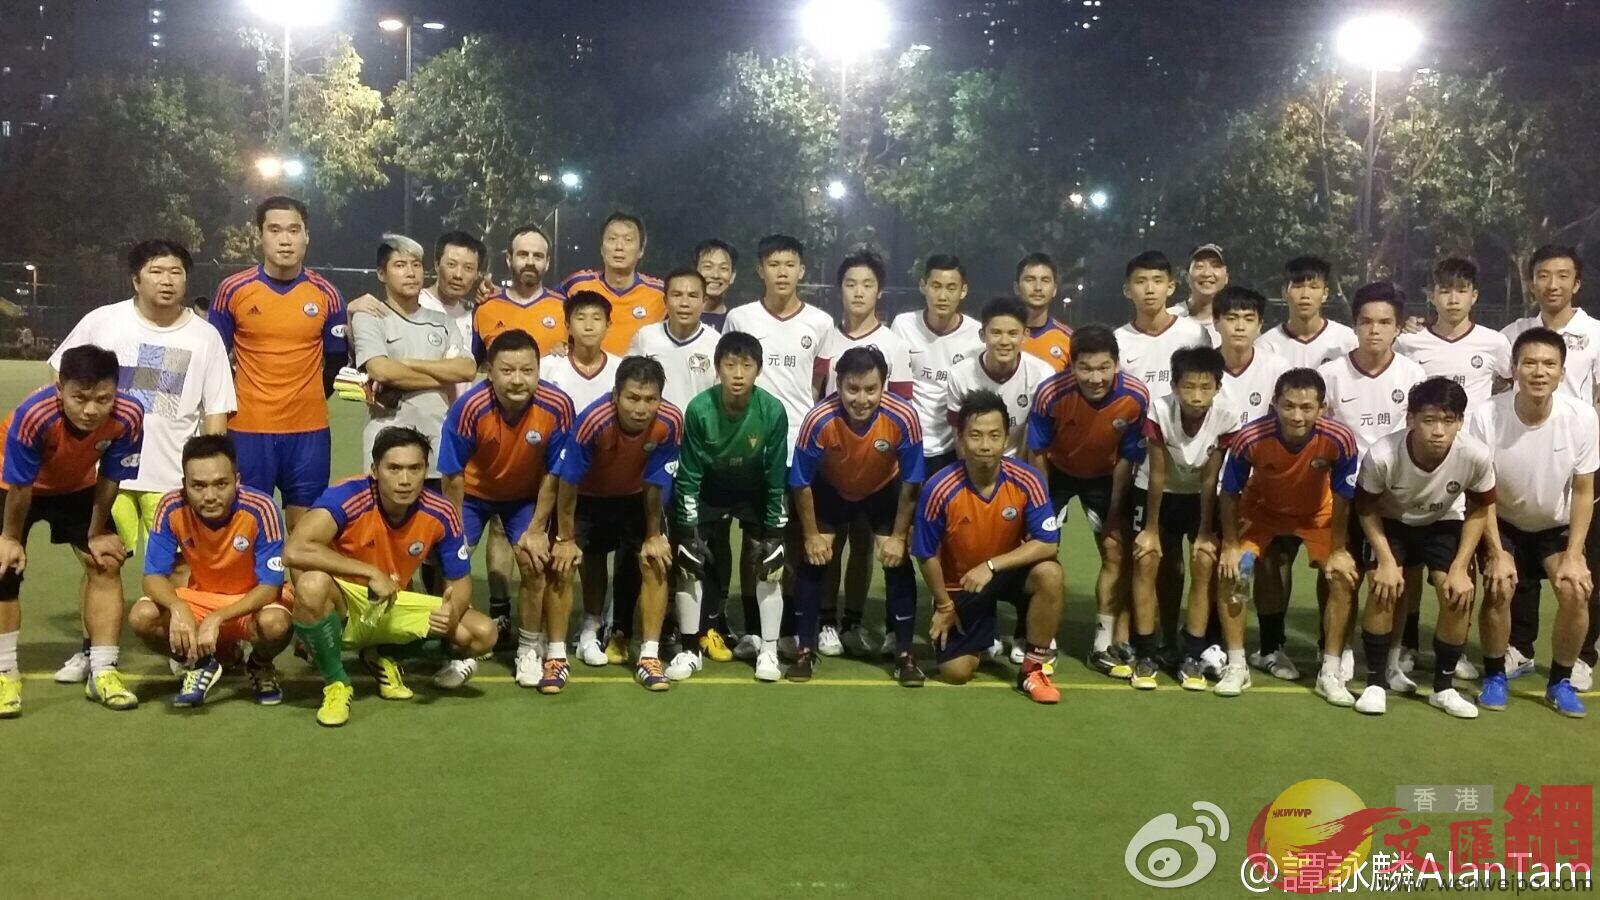 熱愛足球的譚詠麟常與香港青年球隊打比賽(網絡圖片)